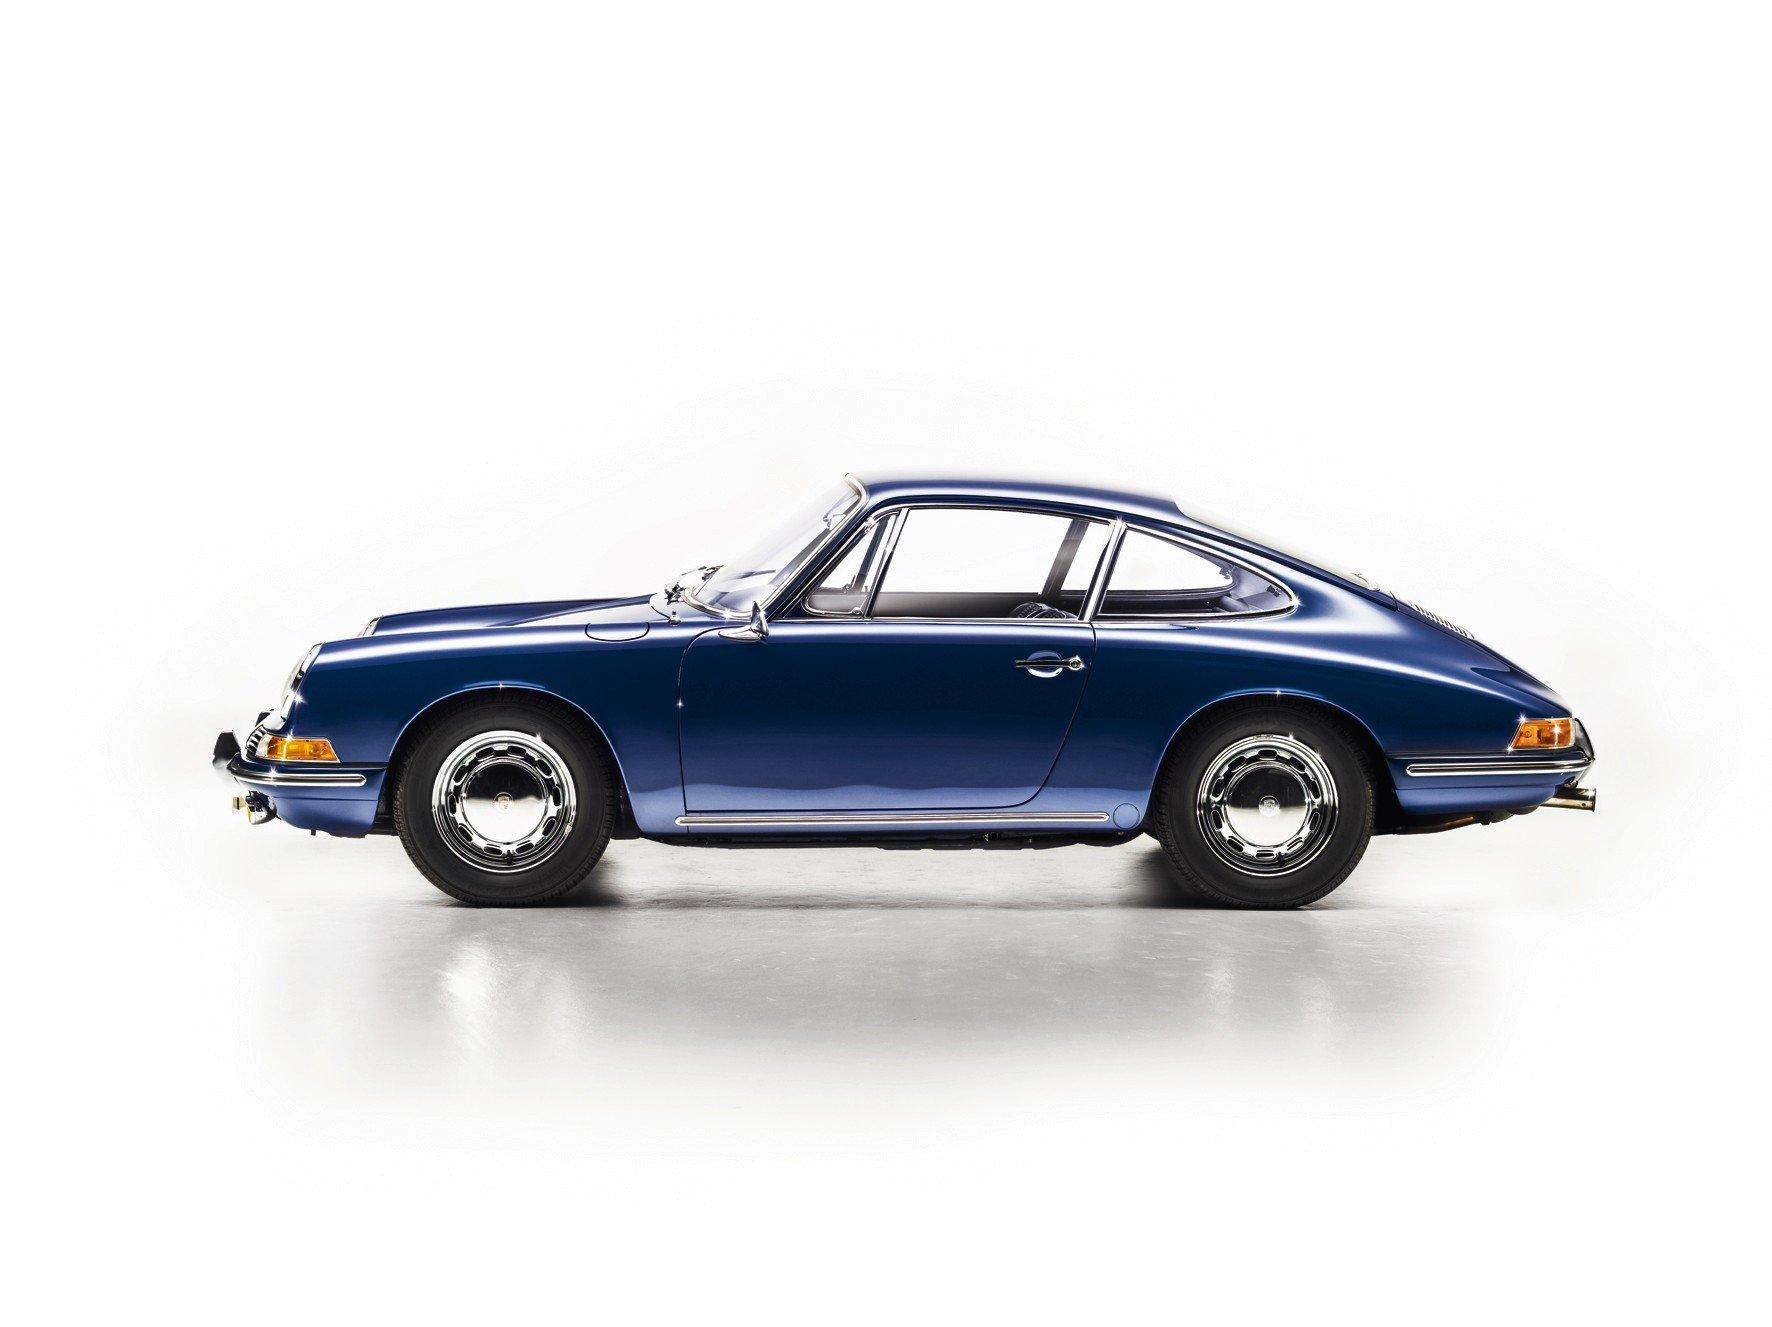 The Porsche 911 Book: Amazon.es: Rene Staud: Libros en idiomas extranjeros